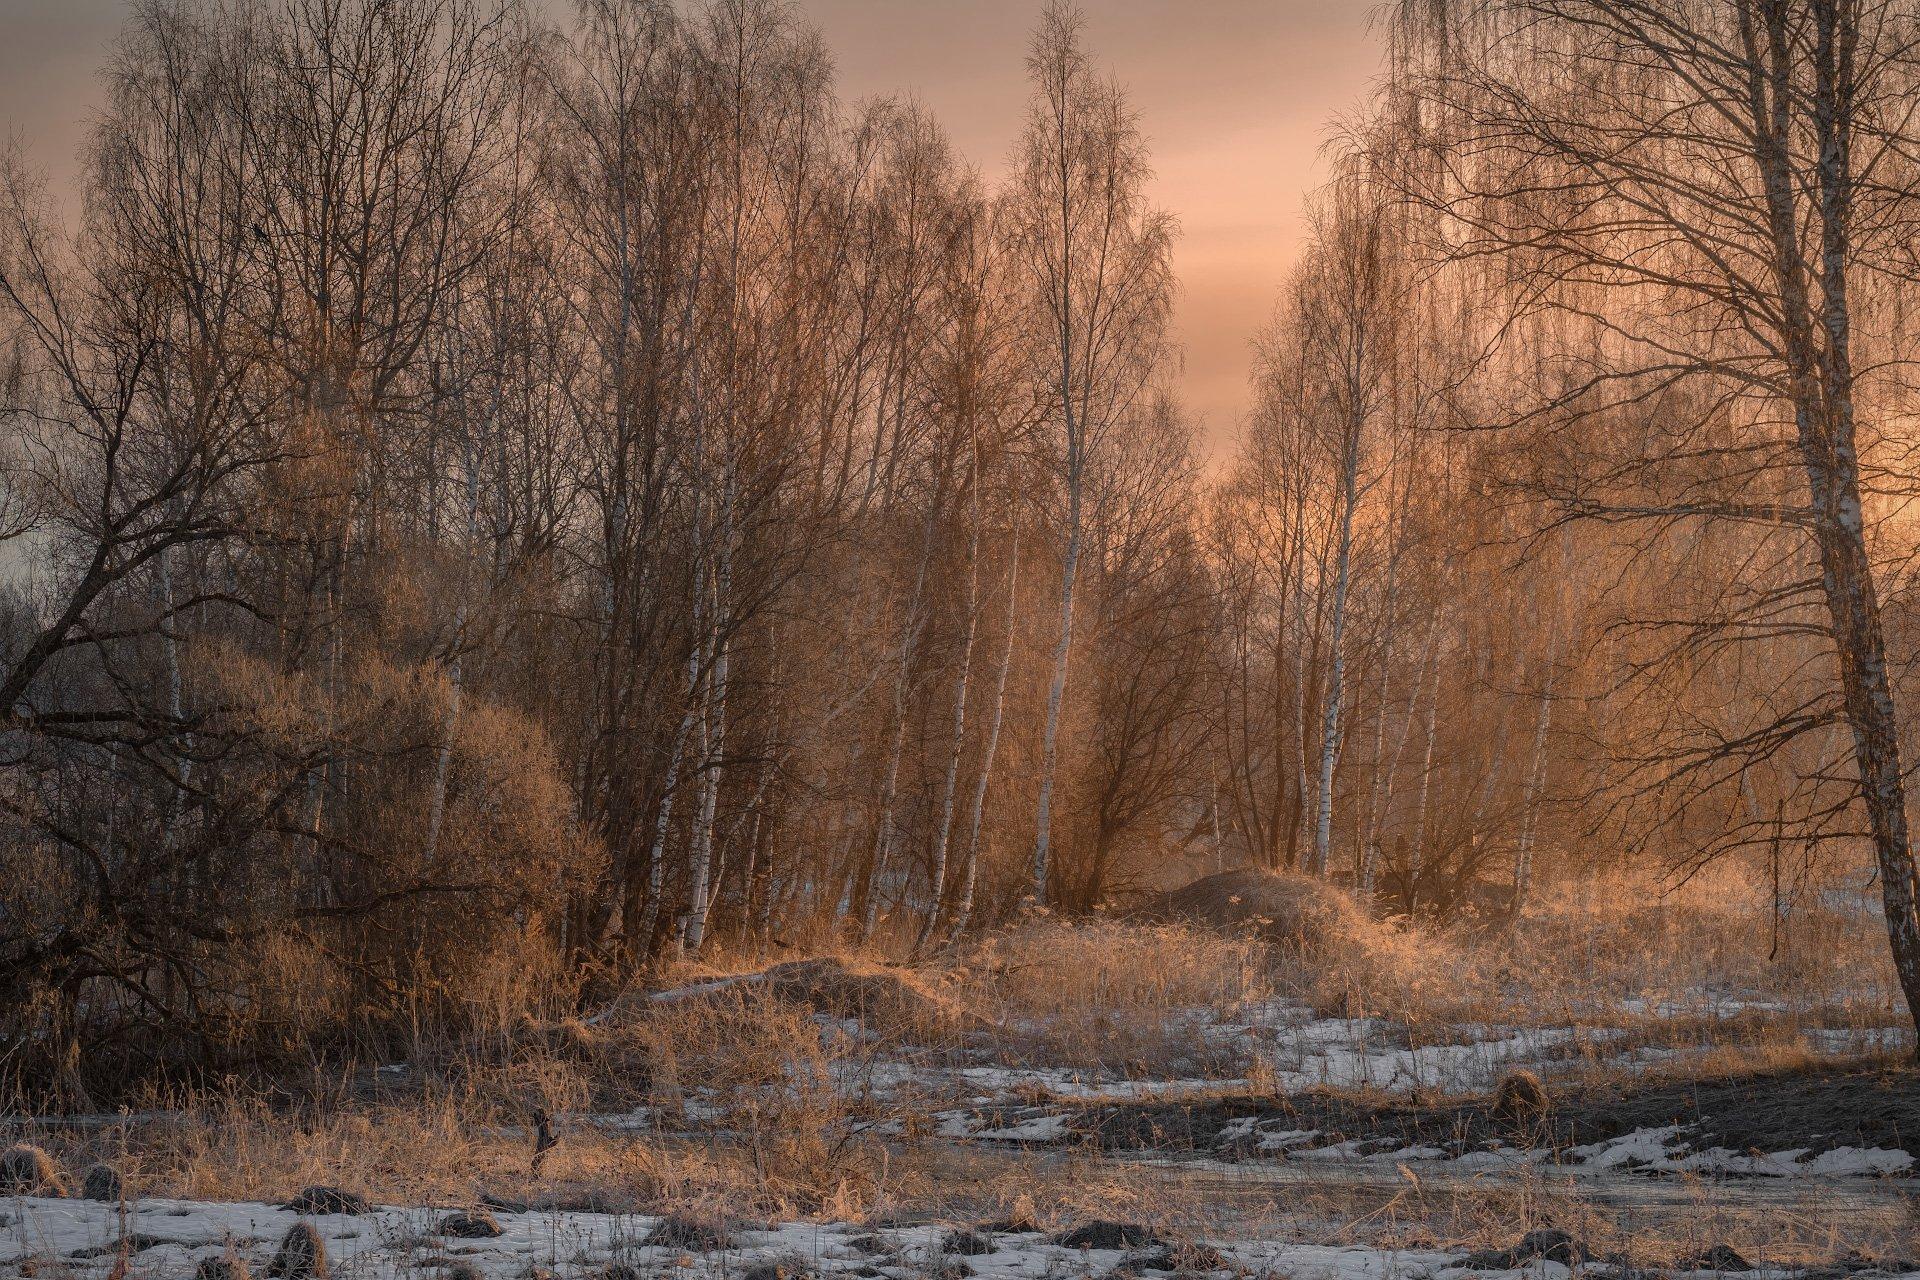 пейзаж, весна, речка, лопасня, разлив, утро, рассвет, деревья, Андрей Чиж